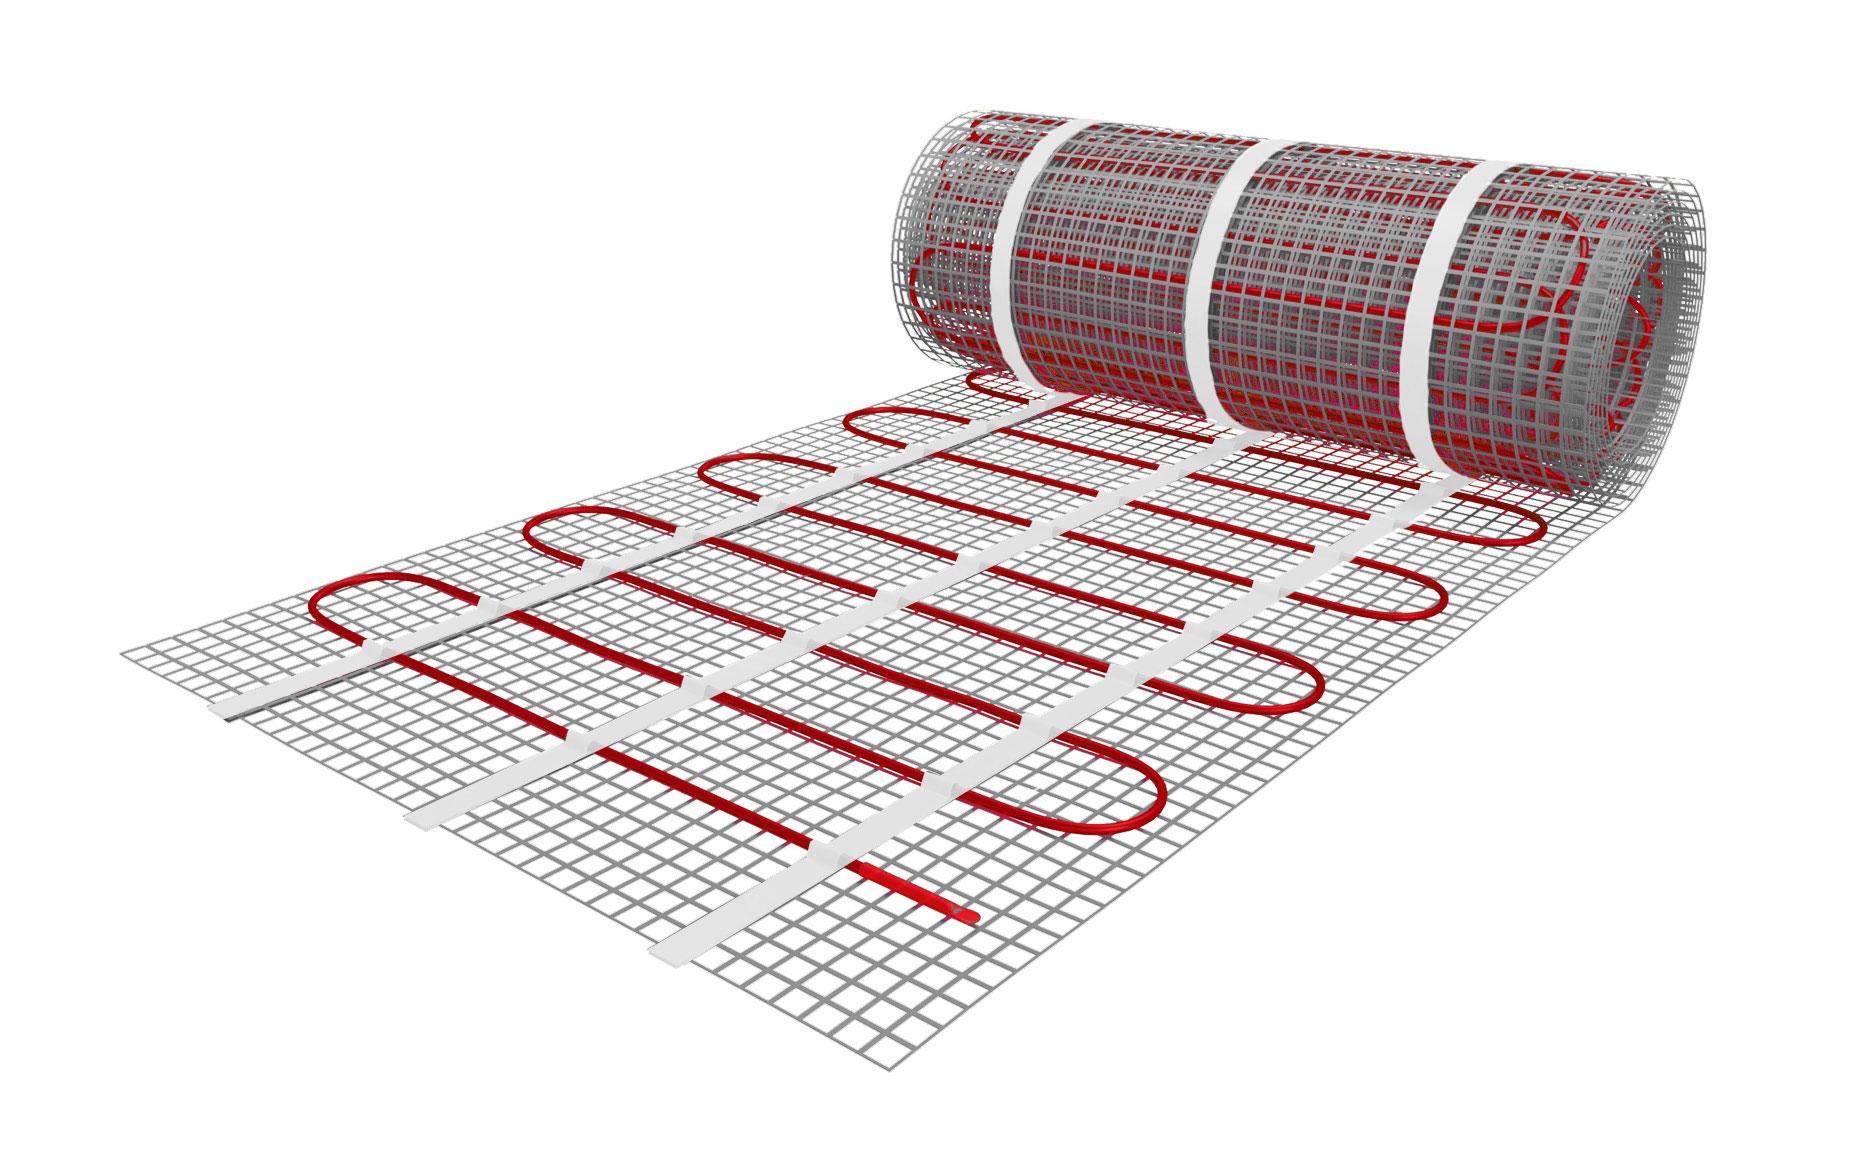 Az elektromos padlófűtés és az elektromos fűtőszőnyeg a modern elektromos fűtési rendszerek.